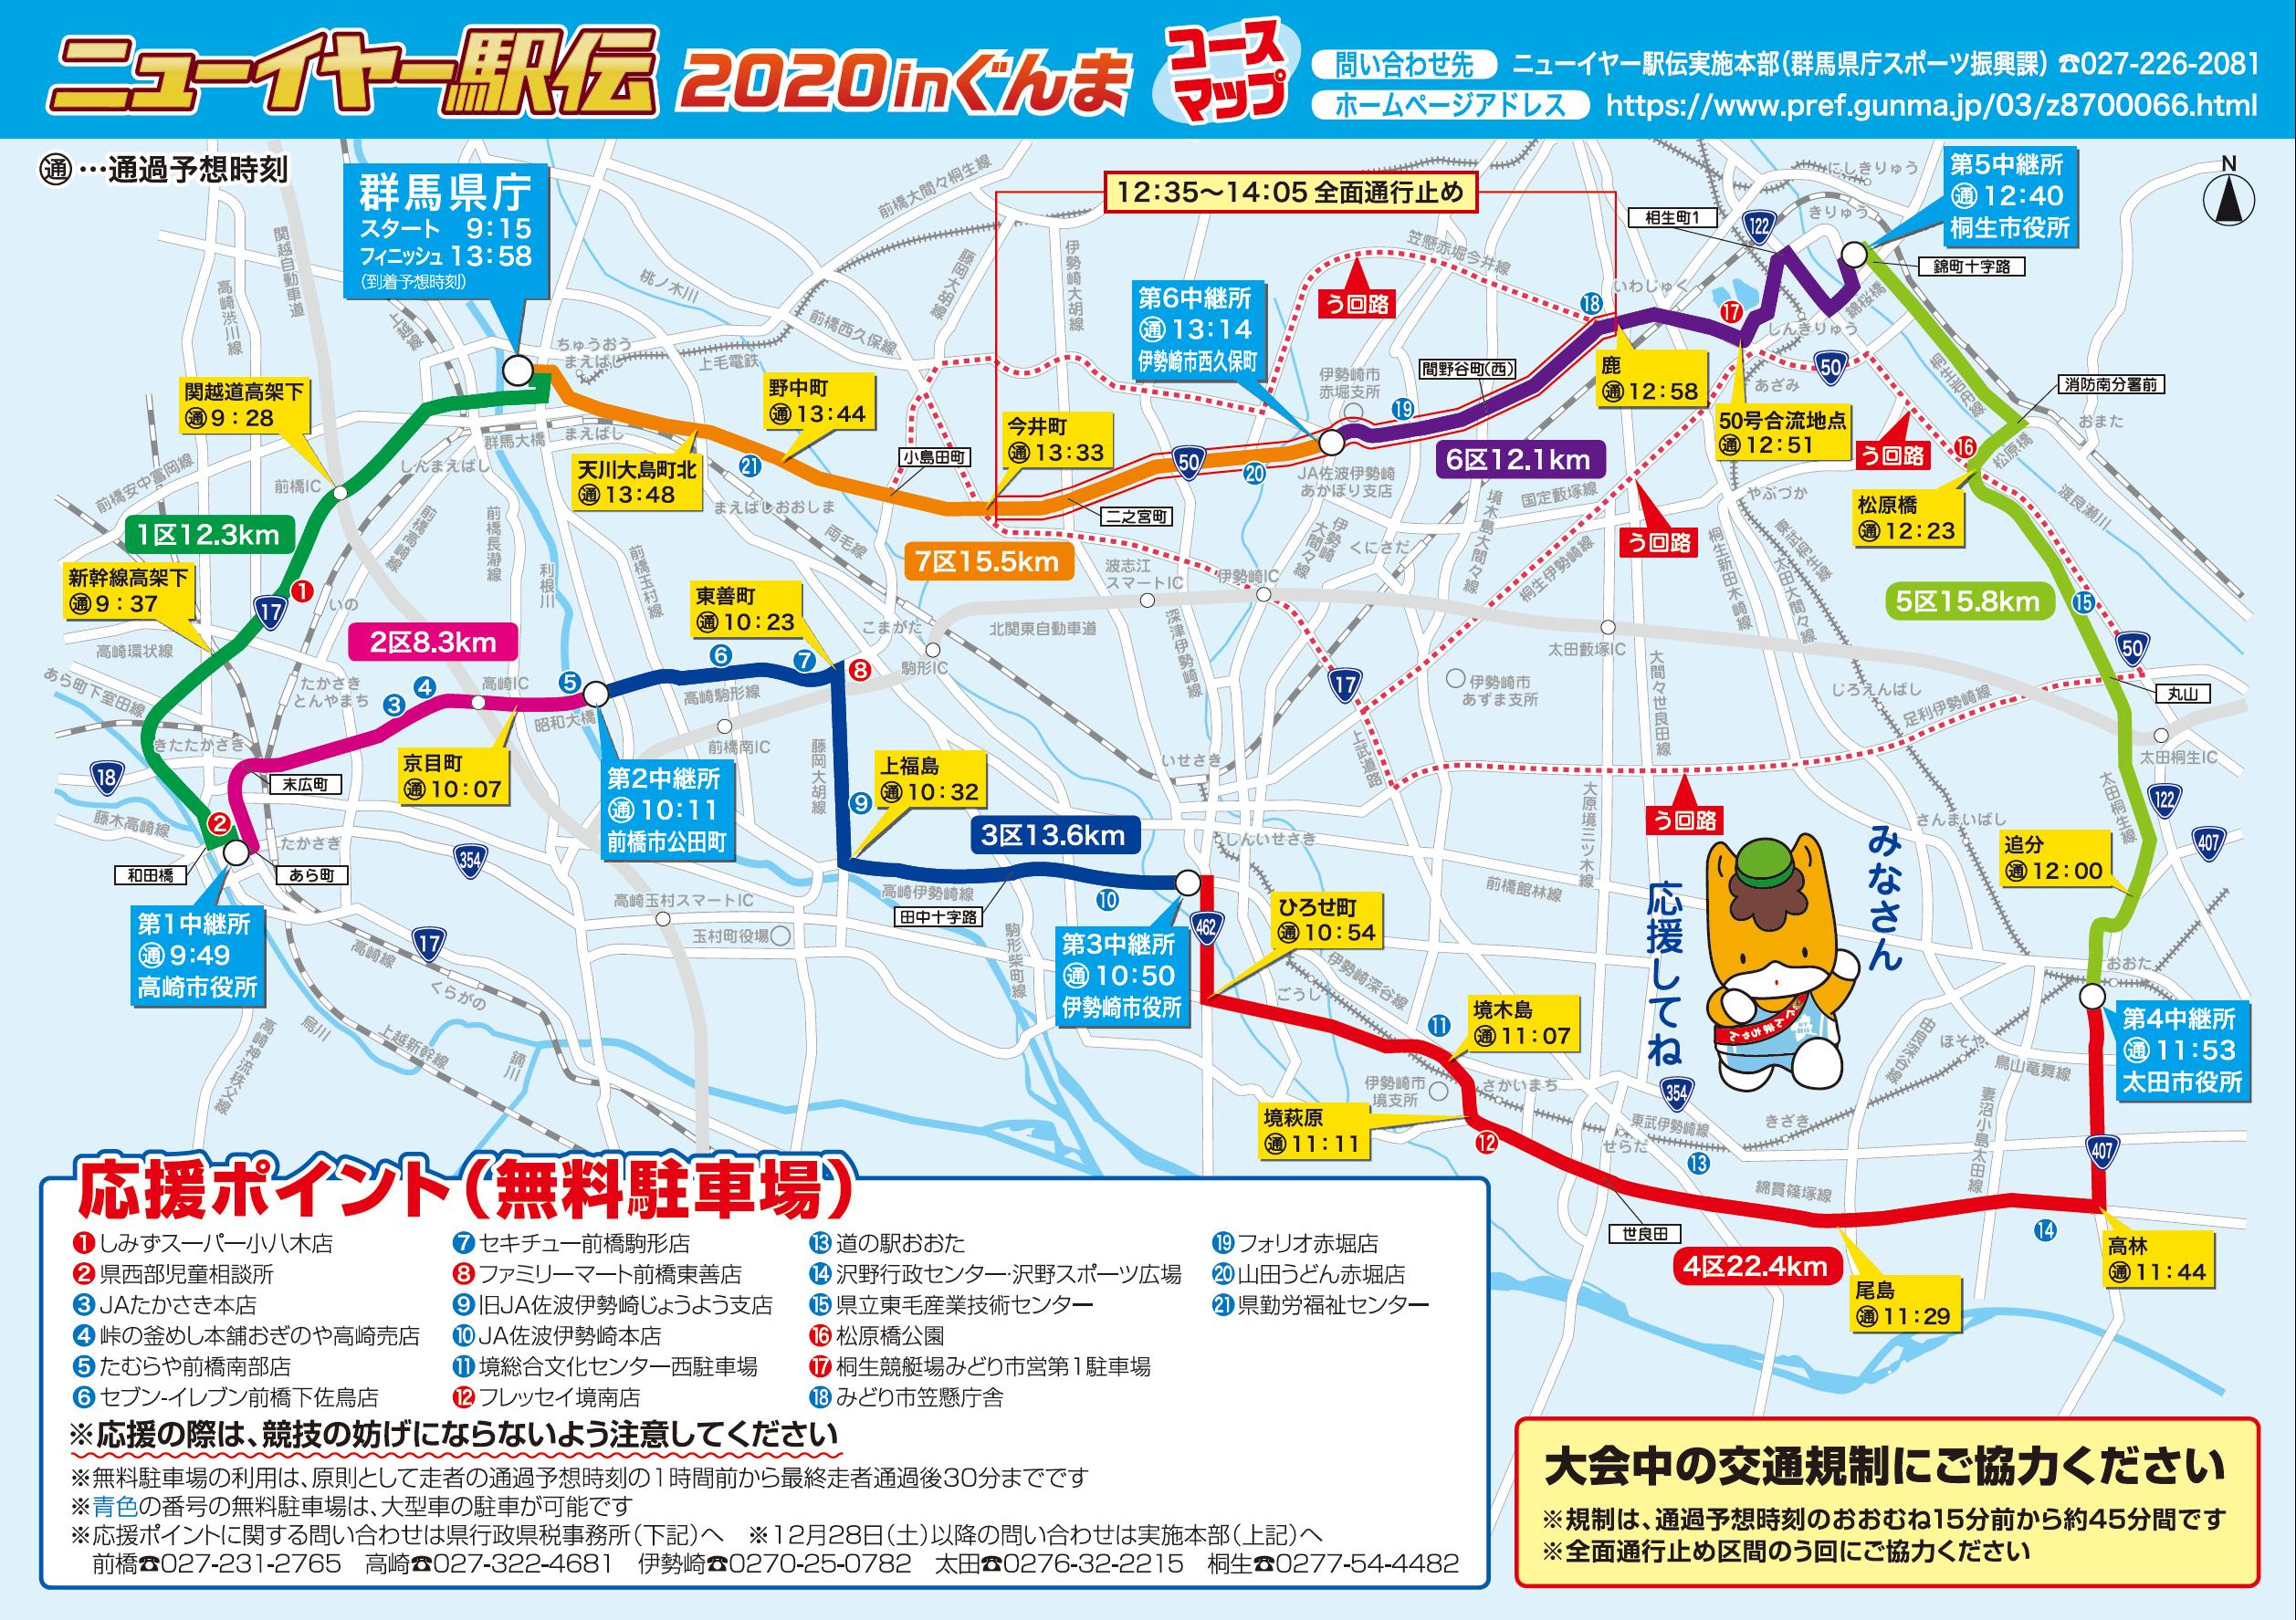 交通規制 ニューイヤー駅伝2020